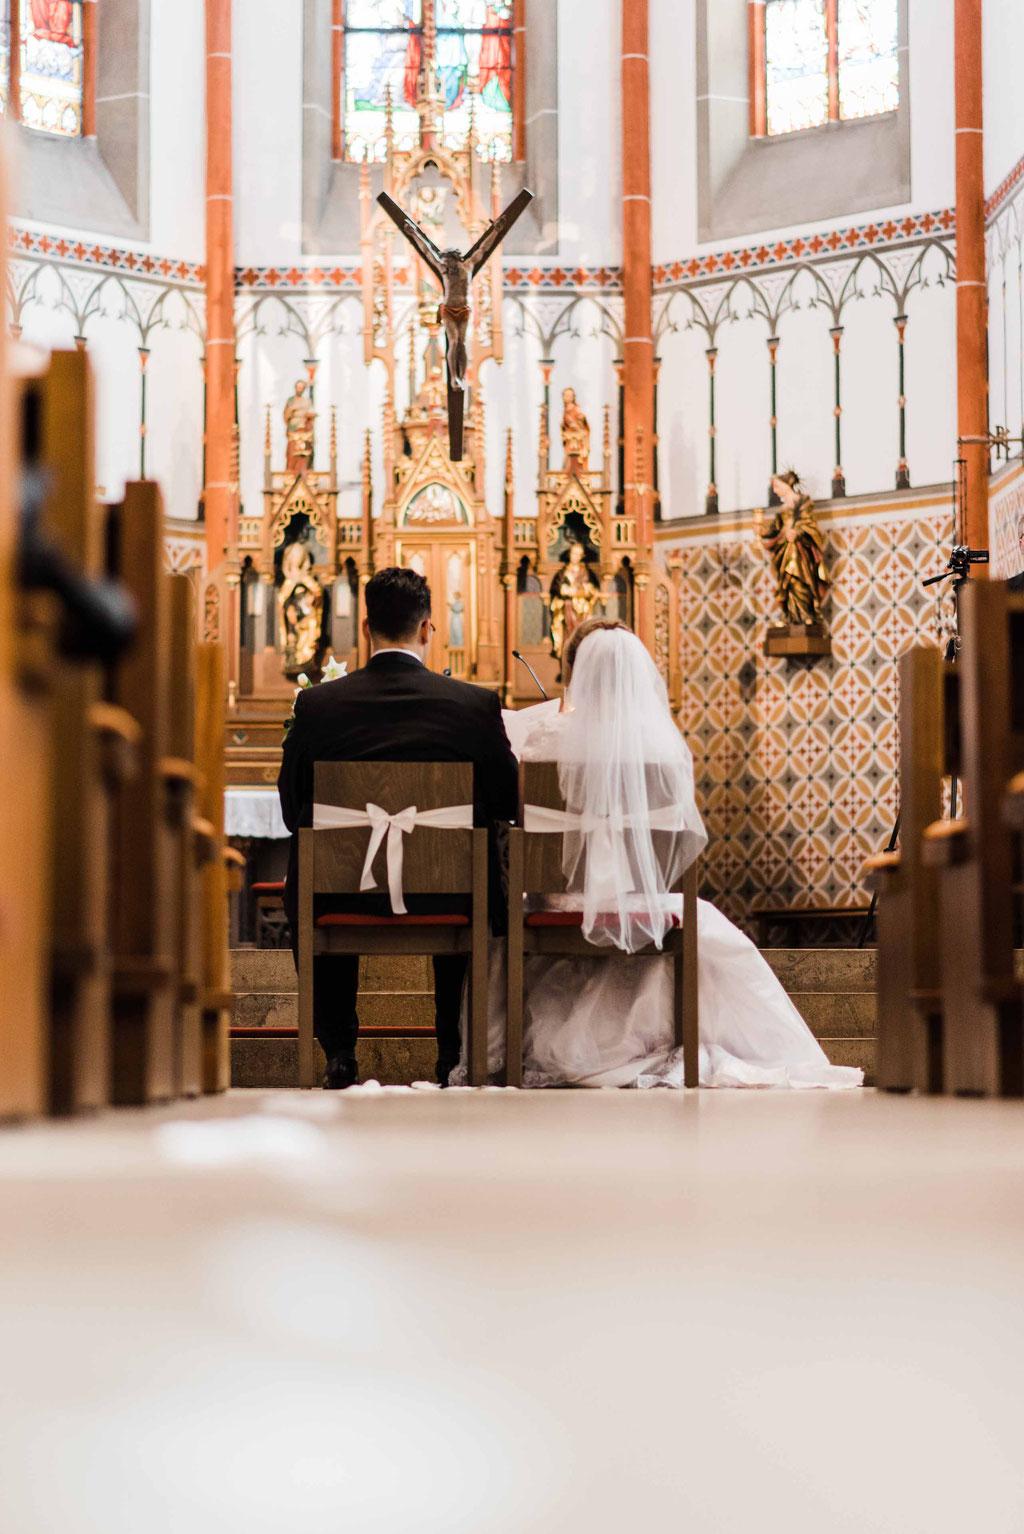 Hochzeitsfotograf Esslingen - Trauung